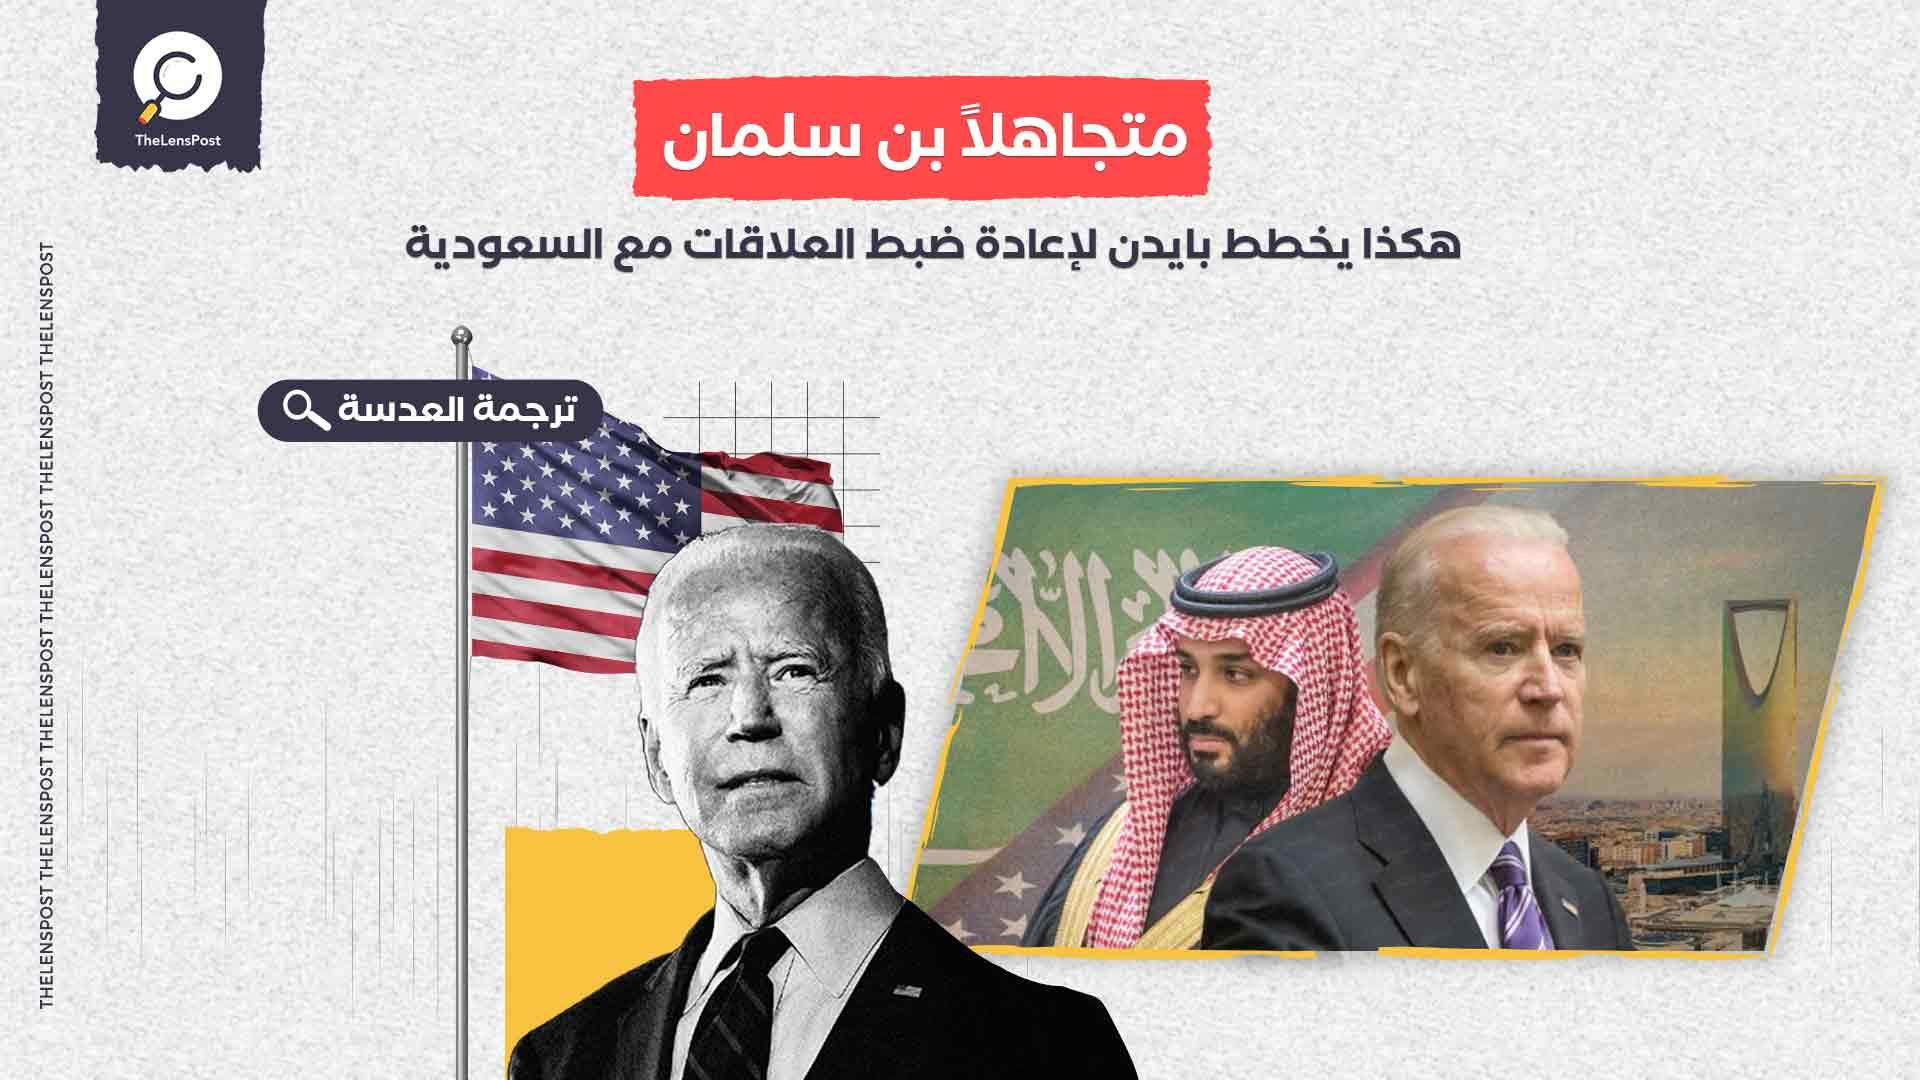 متجاهلاً بن سلمان.. هكذا يخطط بايدن لإعادة ضبط العلاقات مع السعودية